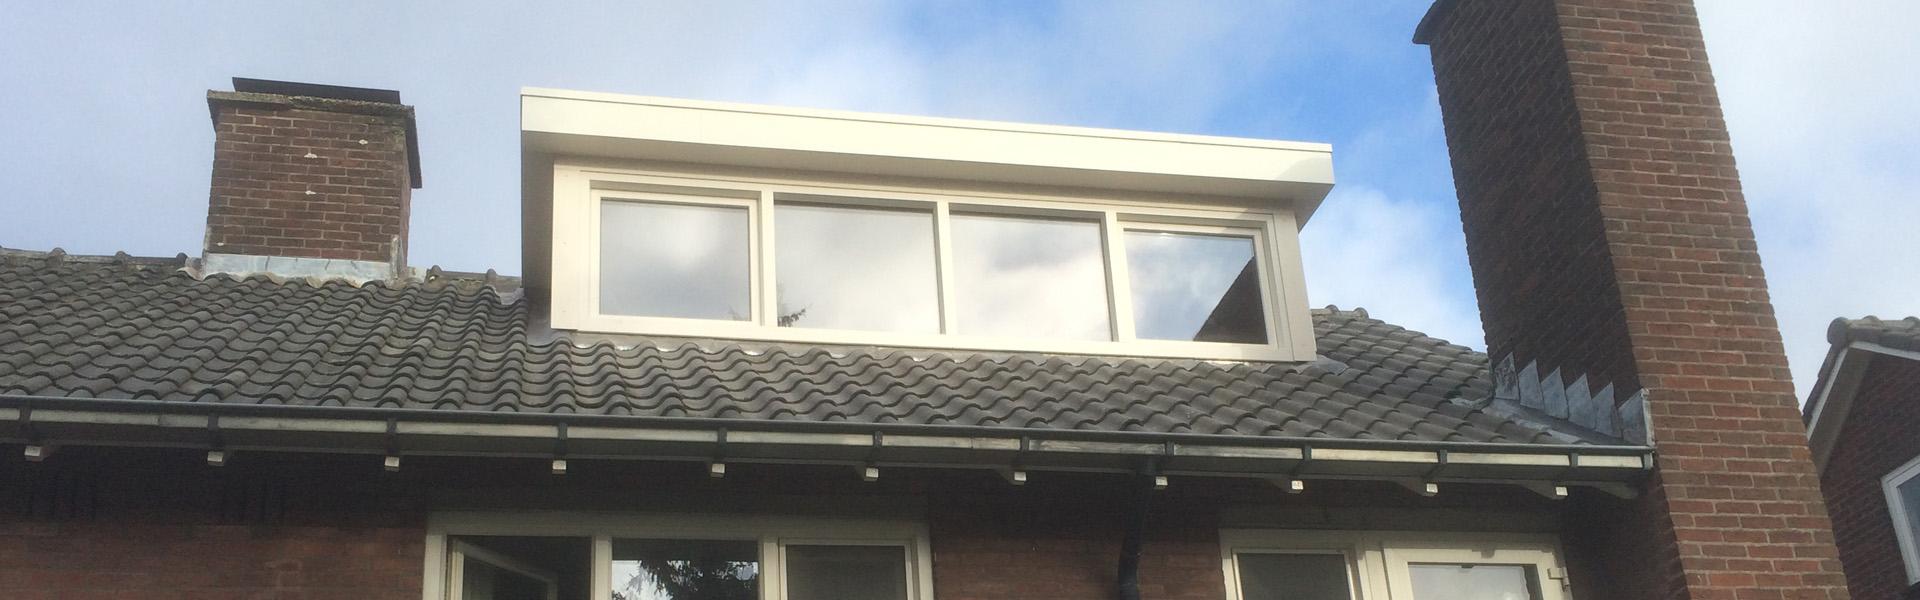 Uitbouw of dakkapel nodig?